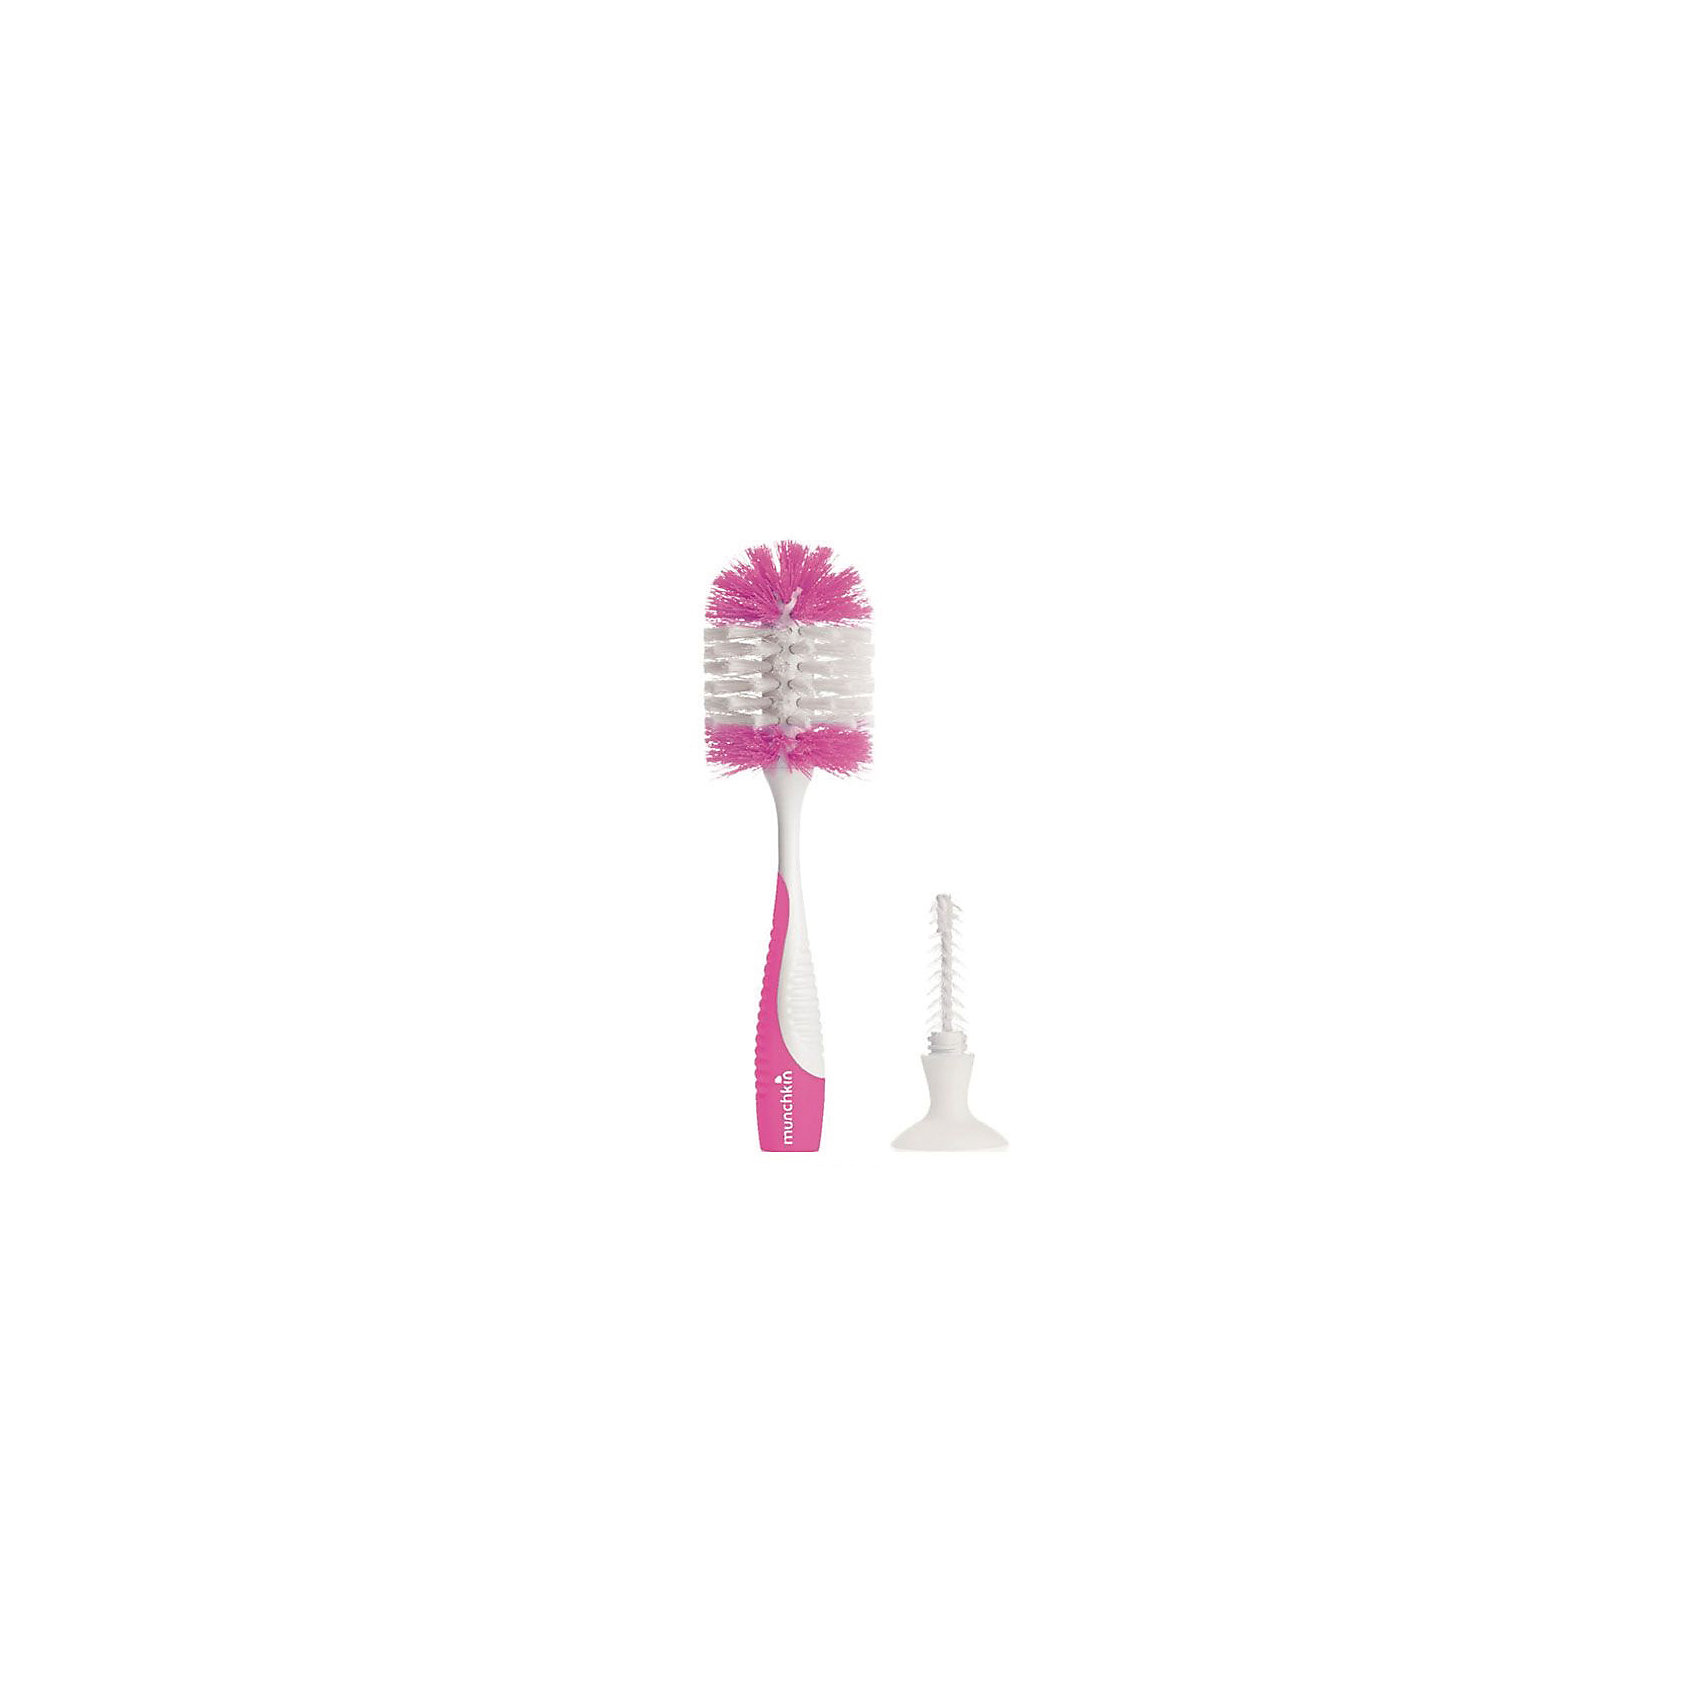 Ершик для бутылочек и сосок, Munchkin, розовыйБутылочки и аксессуары<br>Ершик для бутылочек и сосок, Munchkin, розовый<br><br>Характеристики:<br><br>• Цвет: красный<br>• Не содержит бисфенол А<br>• Материал: пластик, нейлон<br><br>Ершик для бутылочек и сосок незаменимая вещь для родителей малыша. Он достигает с легкостью все труднодоступные места и не позволяет микробам оставаться. Благодаря качественным материалам, не содержащим вредных веществ, ершик полностью безопасен для детей. Подходит как для стандартных бутылочек,  так и бутылочек с угловым или широким горлышком. Ершик для соски находится в рукоятке. С помощью присосок ершик стоит вертикально, что дополнительно защищает его от грязи и бактерий. Можно мыть в посудомоечной машине.<br><br>Ершик для бутылочек и сосок, Munchkin, красный можно купить в нашем интернет-магазине.<br><br>Ширина мм: 70<br>Глубина мм: 110<br>Высота мм: 220<br>Вес г: 100<br>Возраст от месяцев: 0<br>Возраст до месяцев: 36<br>Пол: Унисекс<br>Возраст: Детский<br>SKU: 5101196